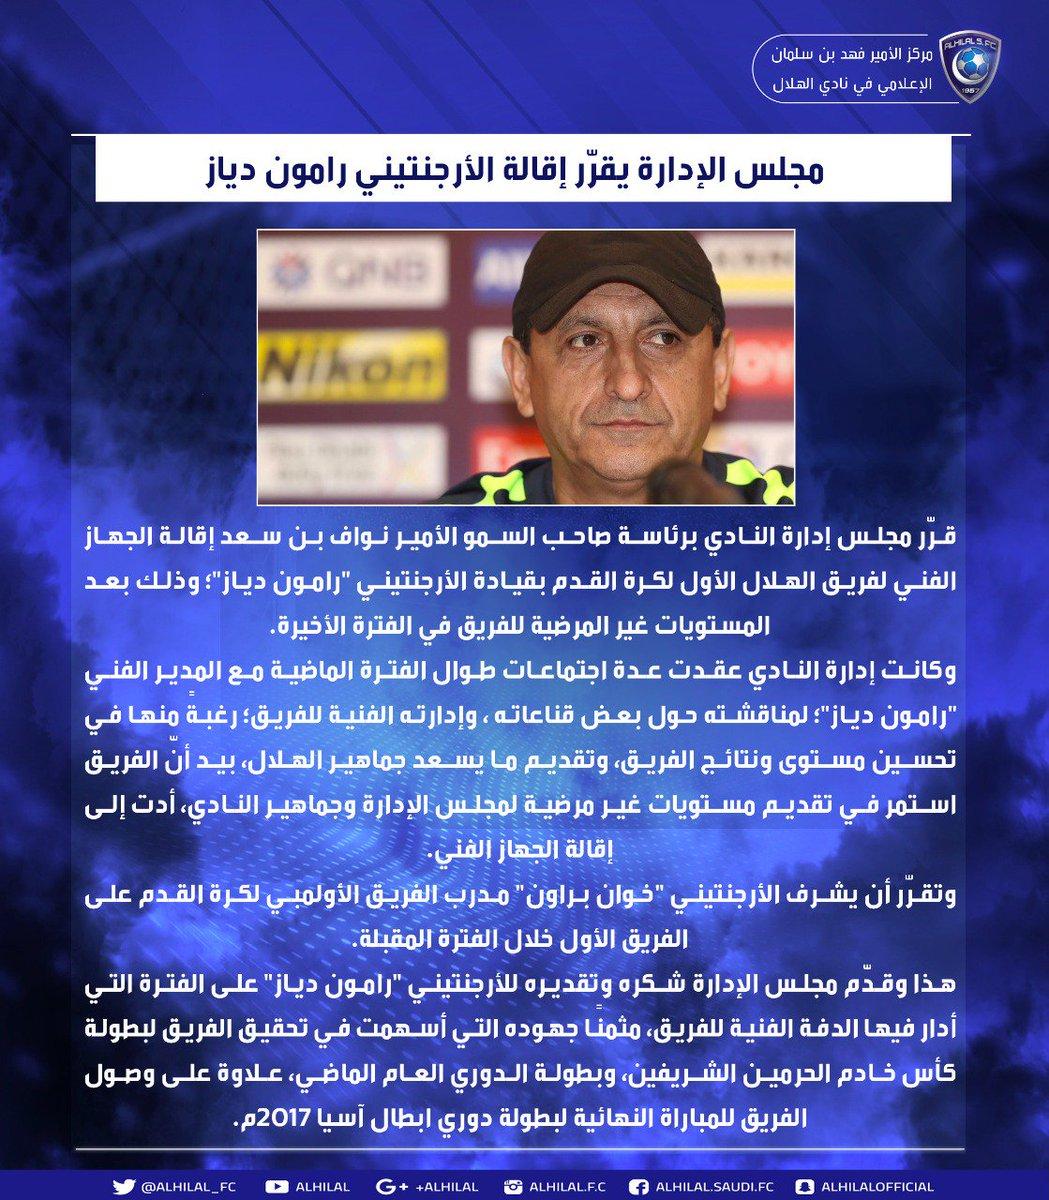 مجلس إدارة نادي #الهلال يقرّر إقالة الأر...